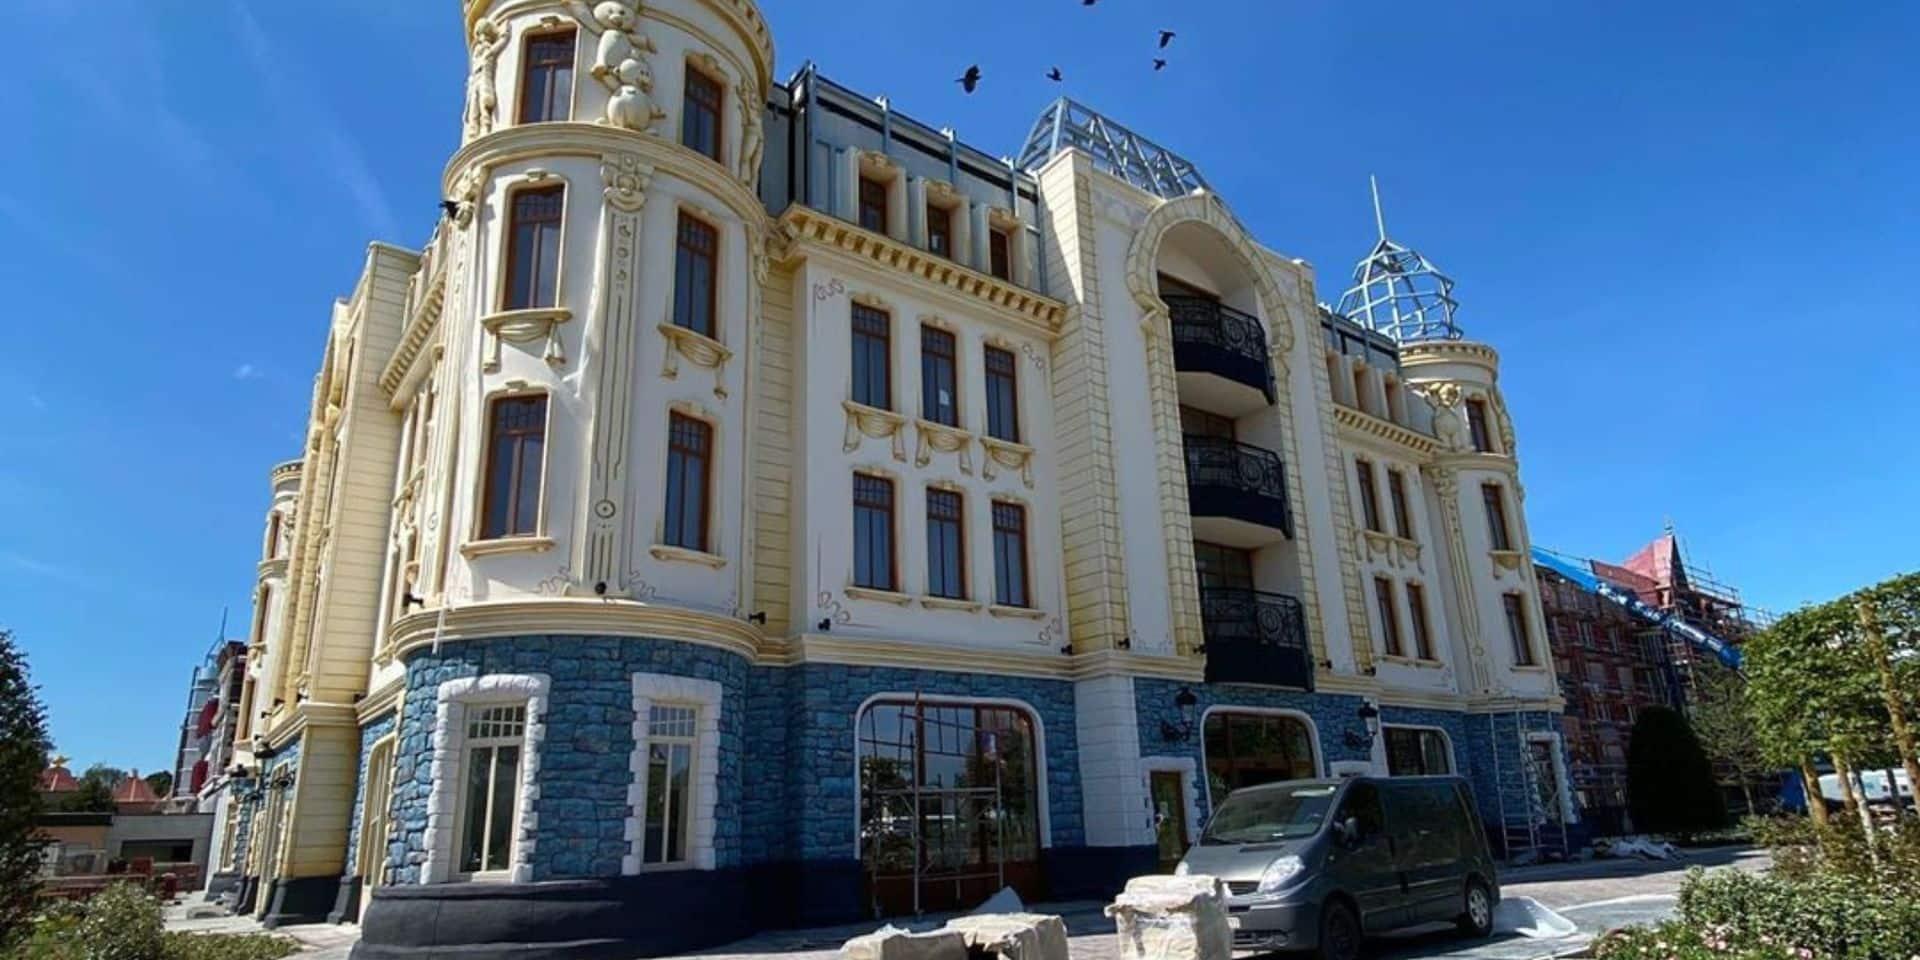 L'ouverture de l'hôtel Plopsa est reportée